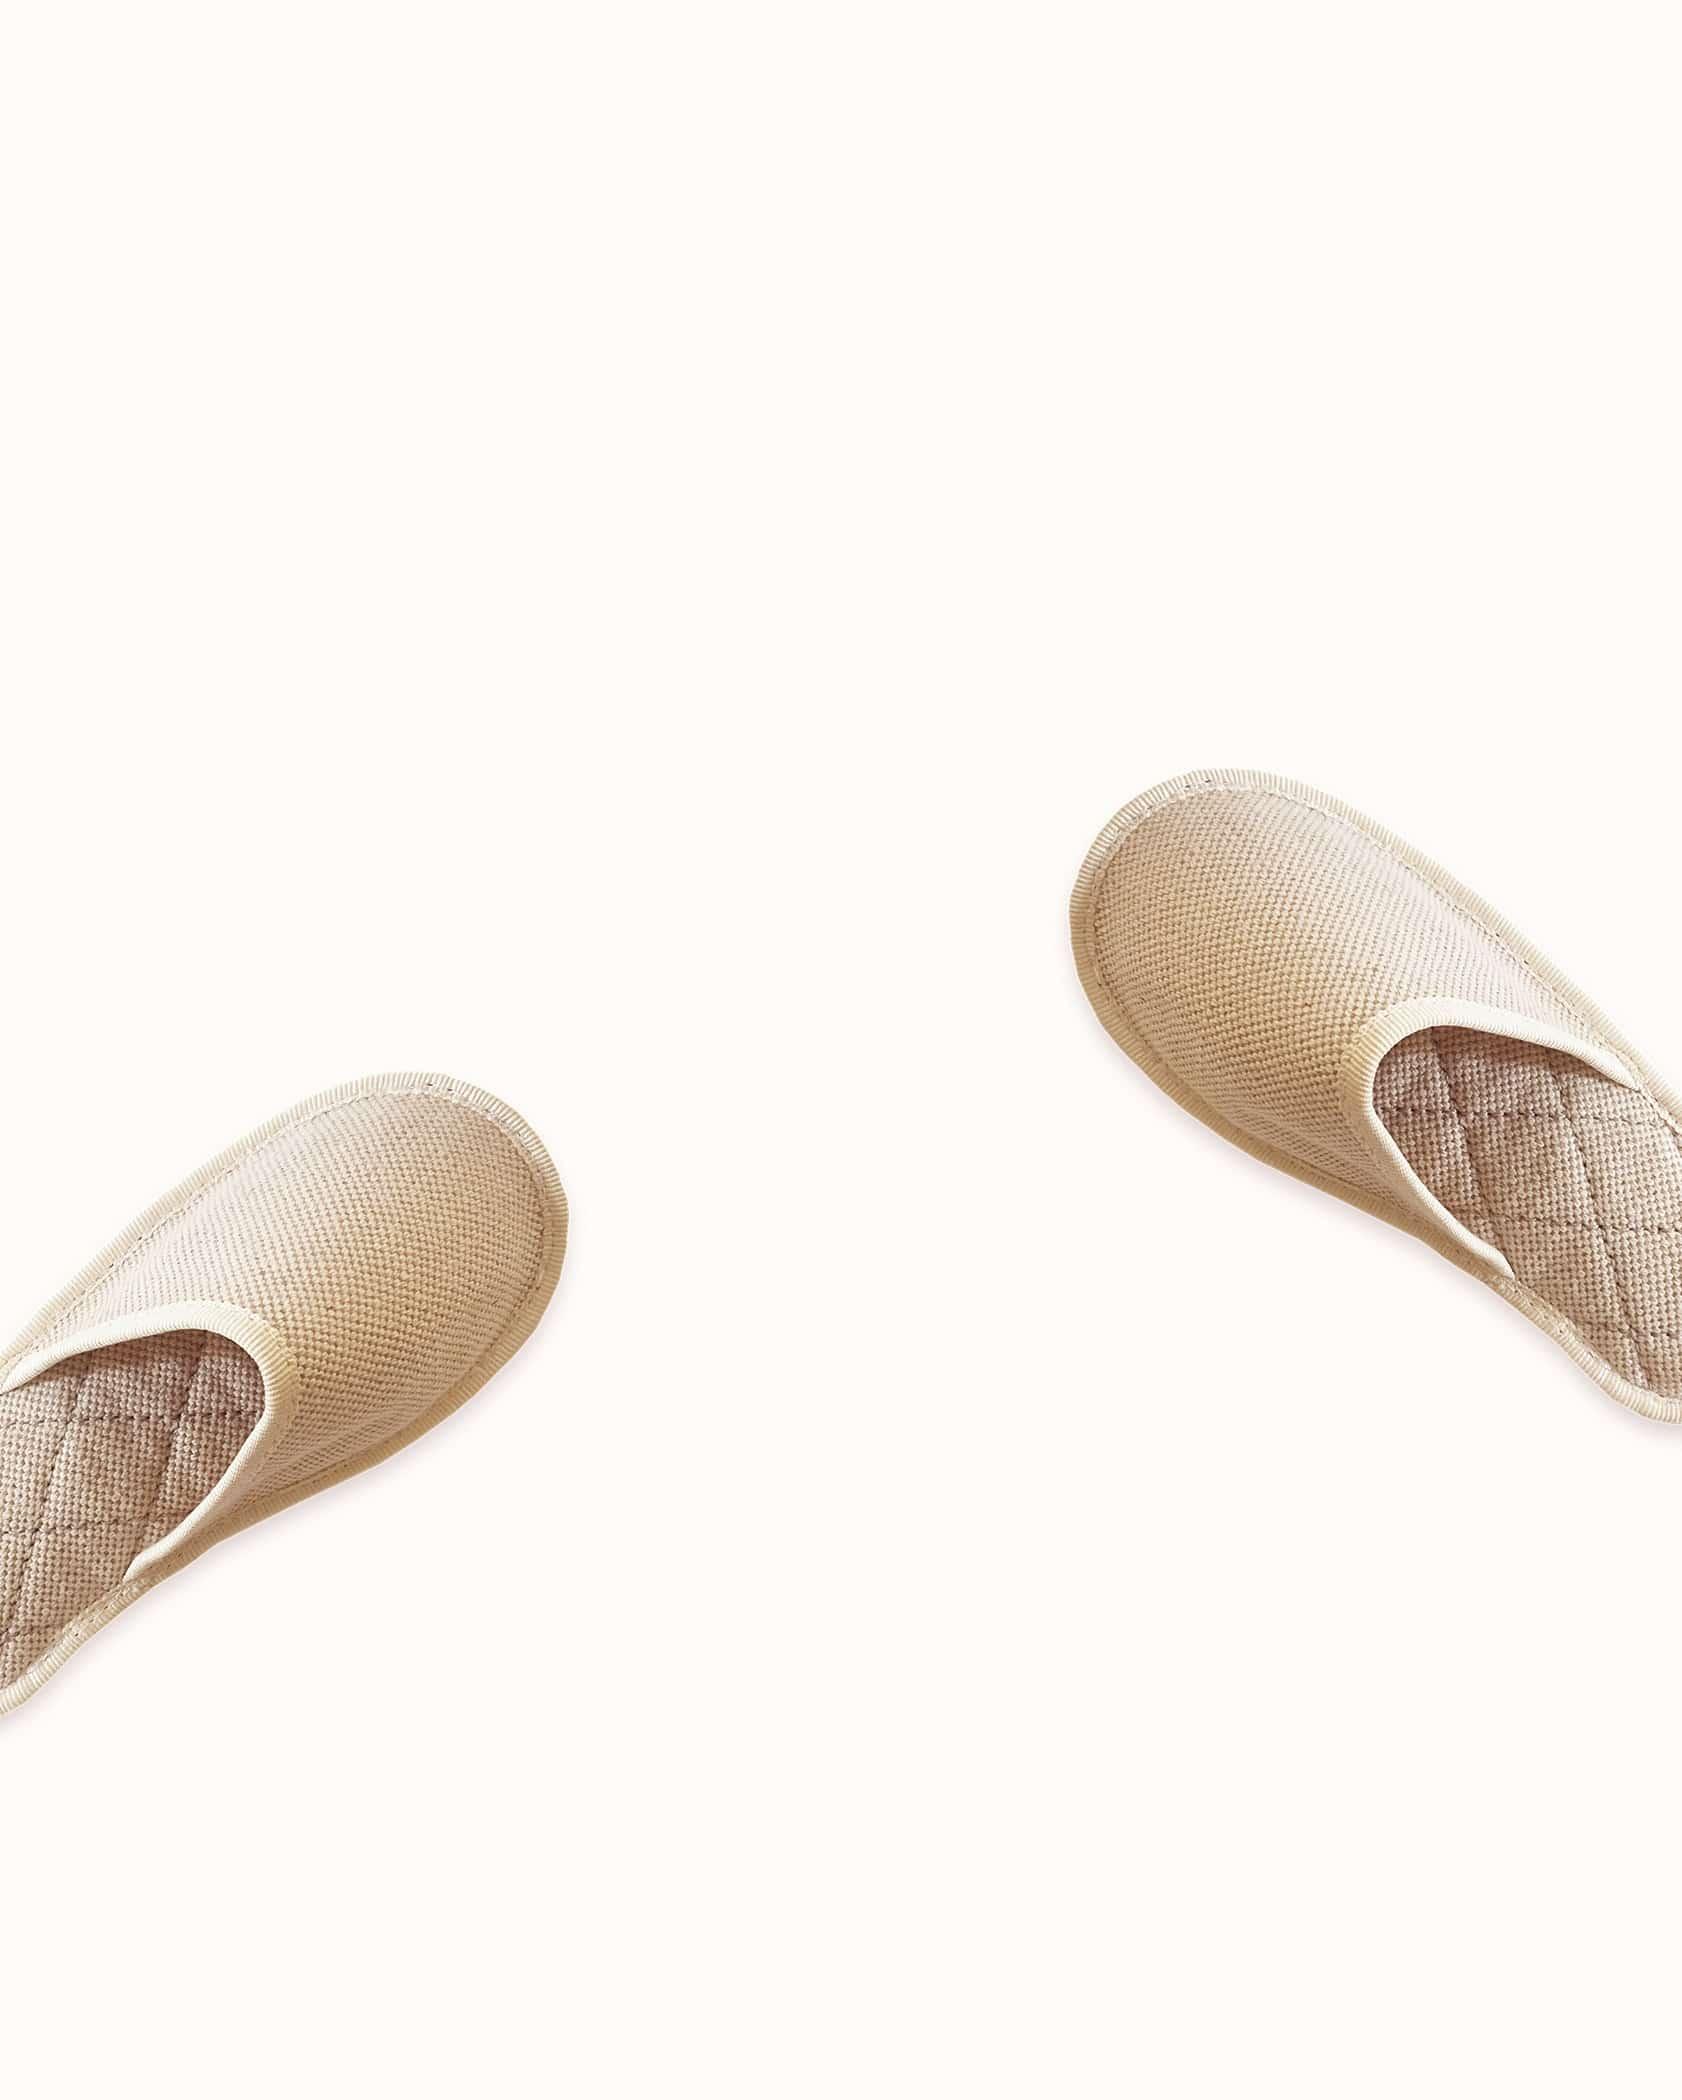 Chausson français pour enfant fabriqué en France. Modèle Petite Flamme (beige et blanc), une pantoufle comme à l'hôtel vêtue d'un rembourrage matelassé et d'une finition sophistiquée.